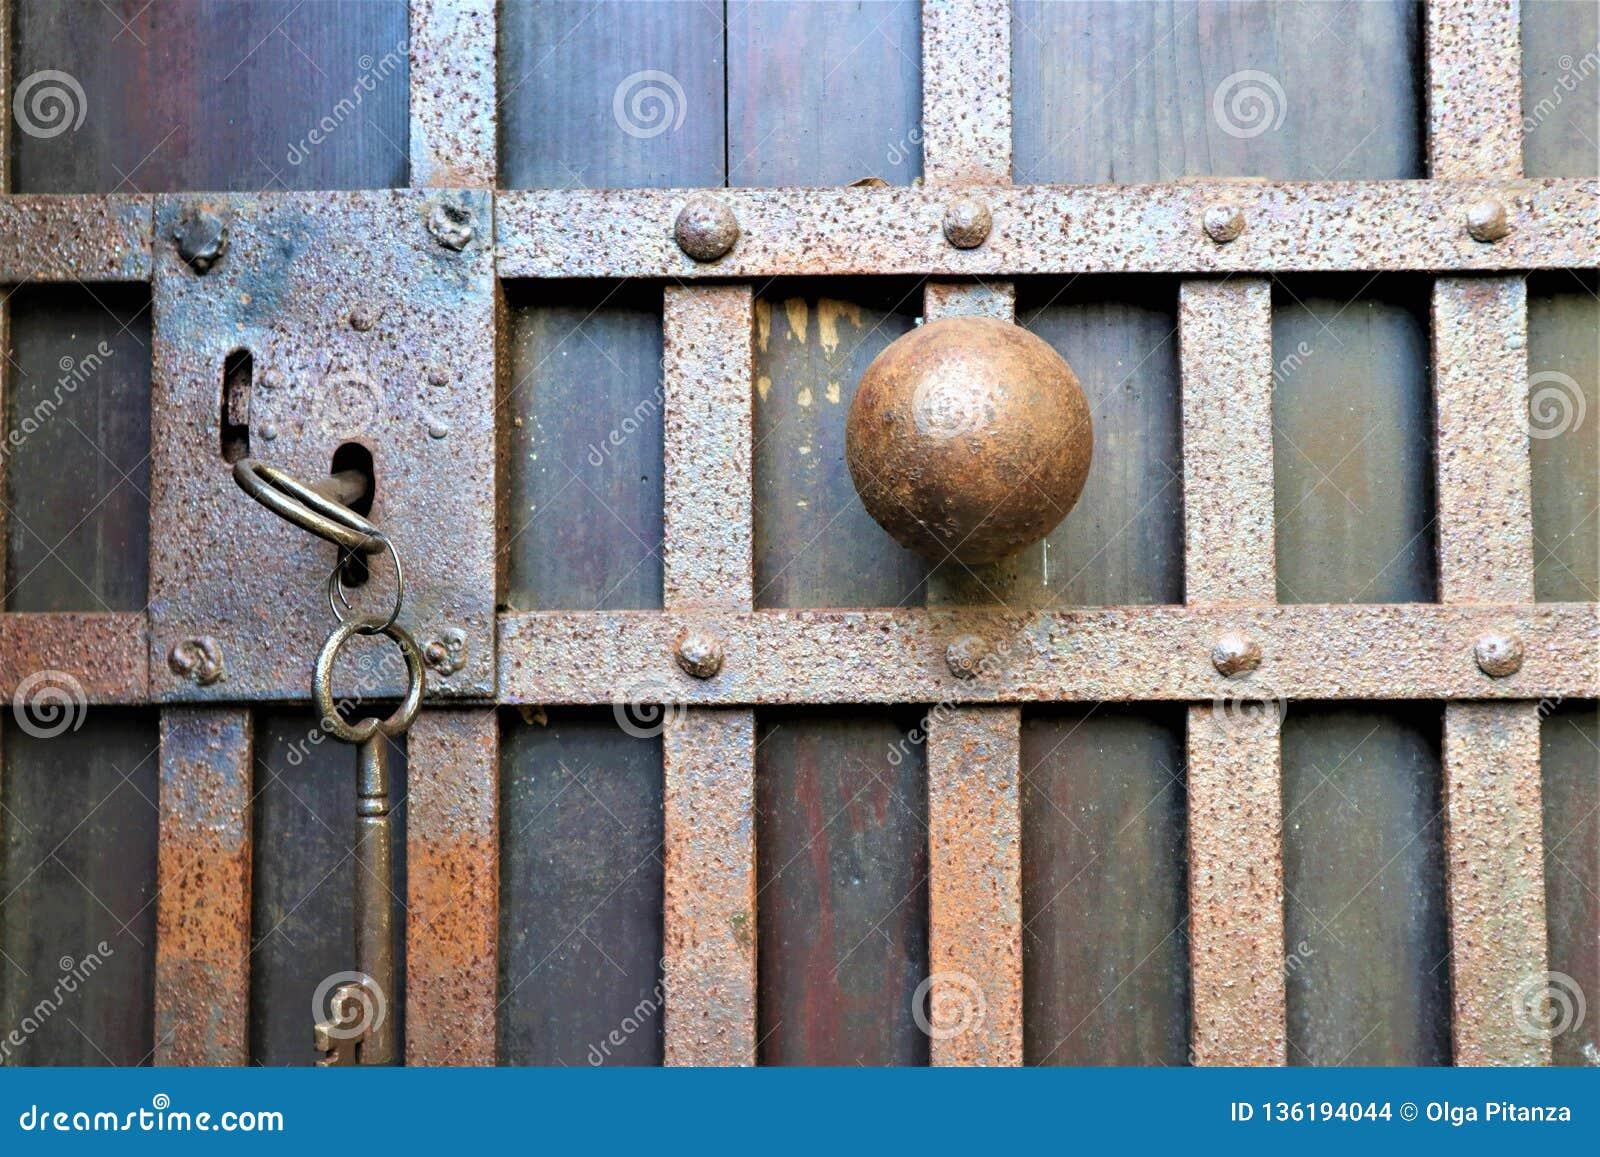 Κλειστό παλαιό σκουριασμένο λουκέτο σε μια ξύλινη πόρτα